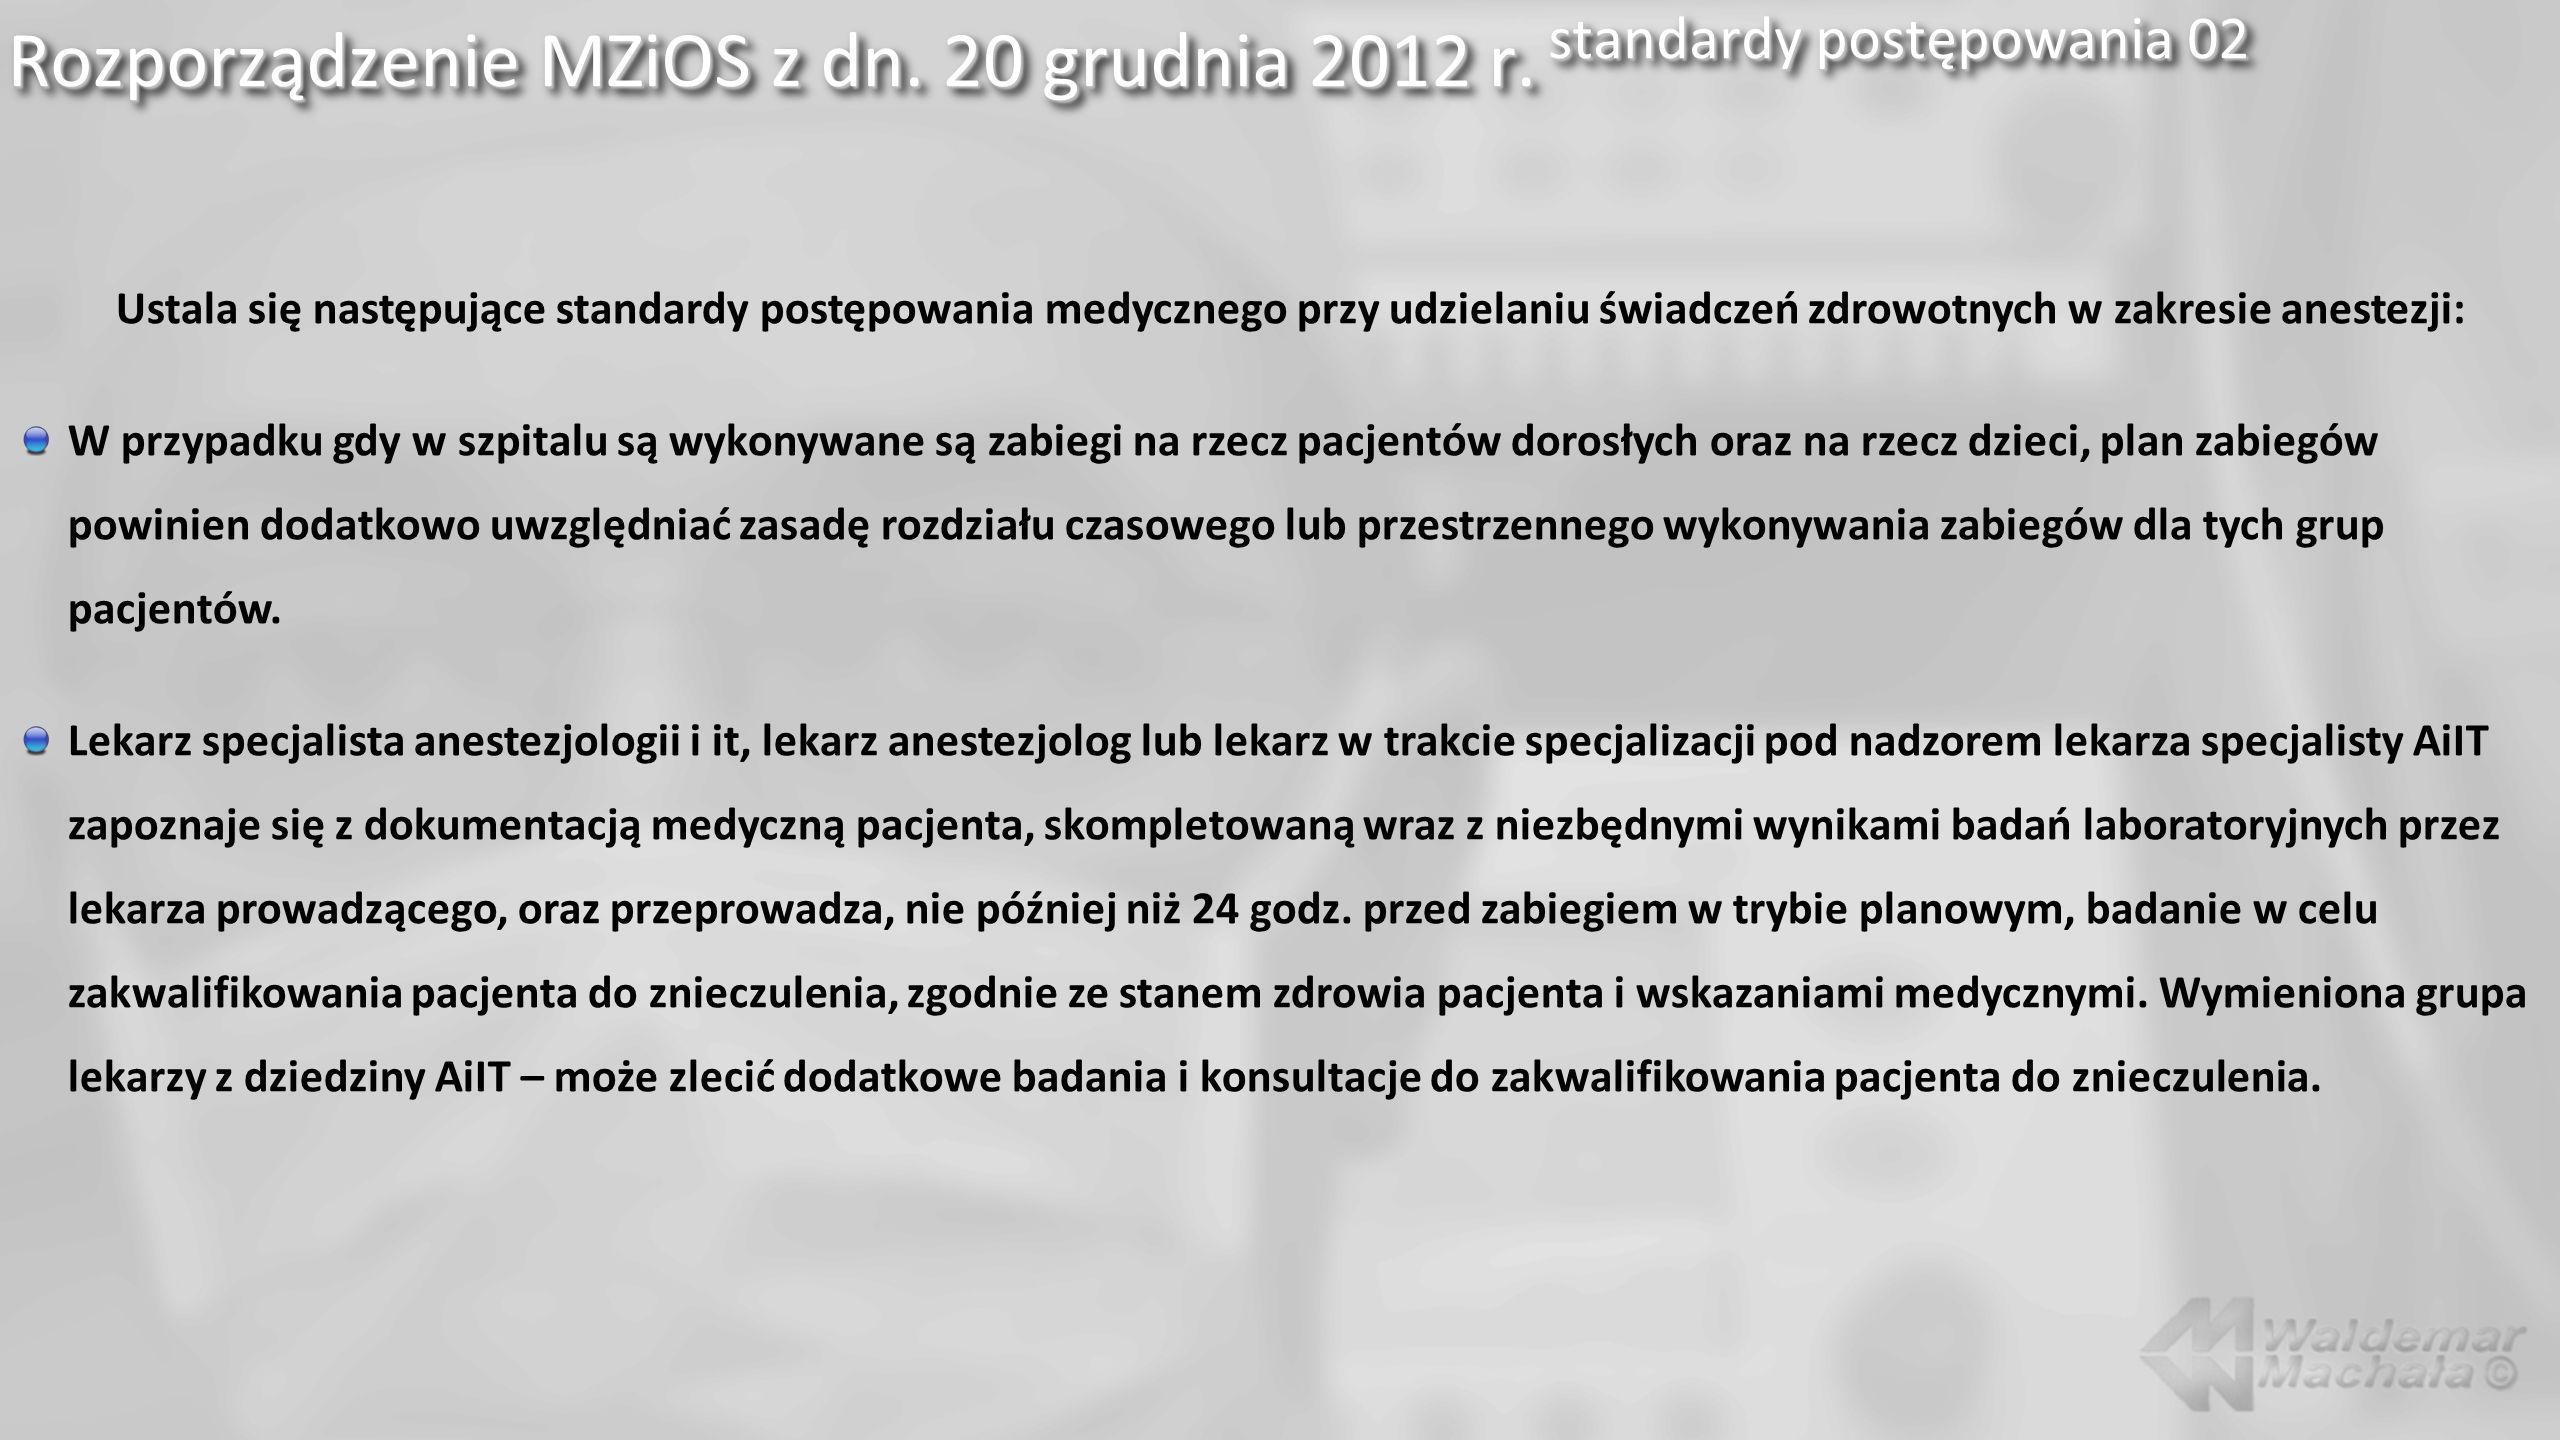 Rozporządzenie MZiOS z dn. 20 grudnia 2012 r. standardy postępowania 02